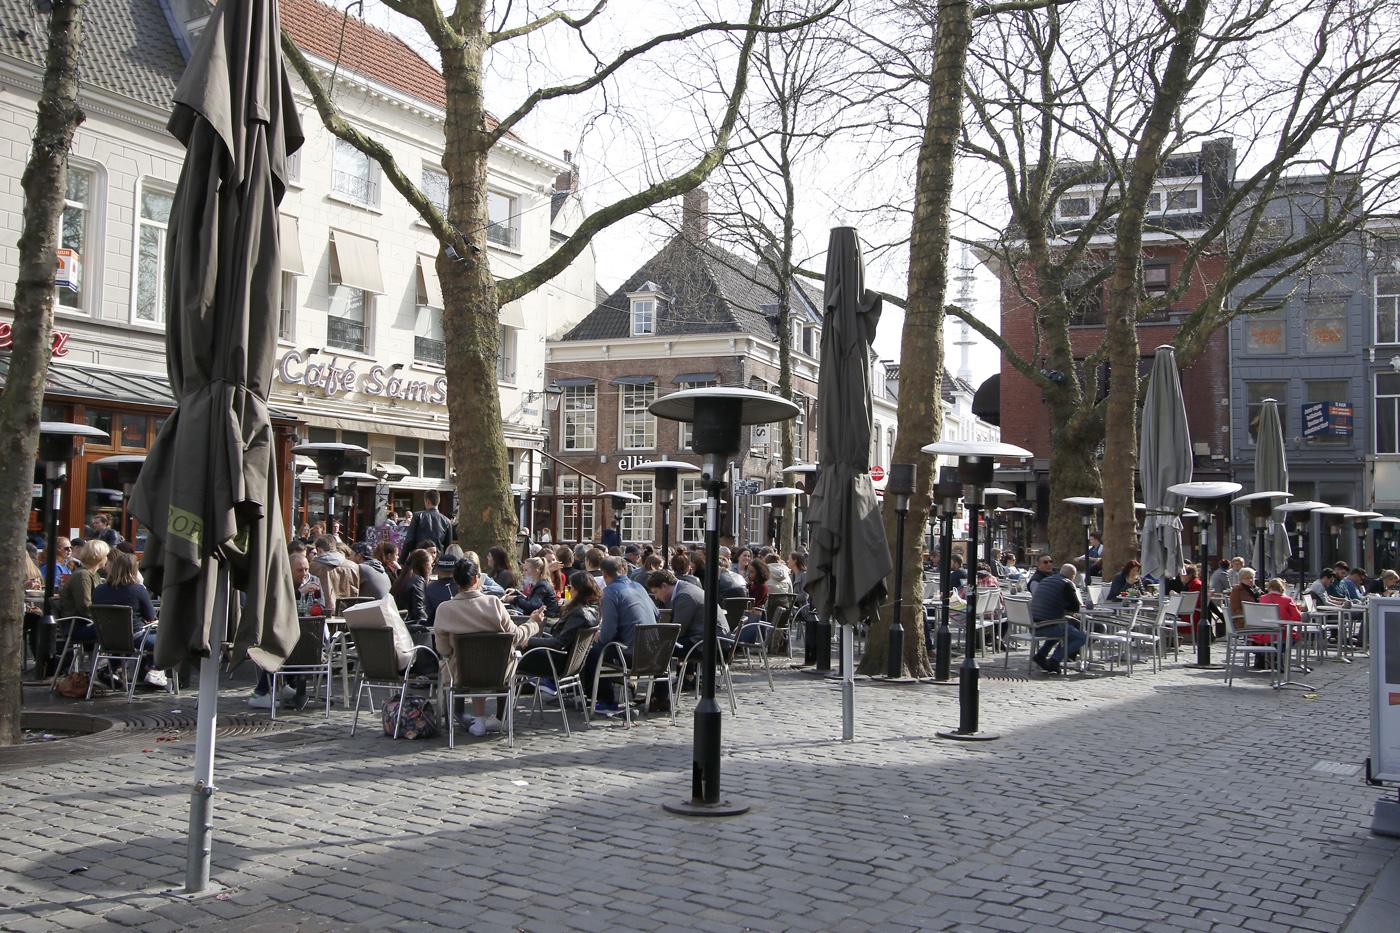 14 maart en het is tussen de middag aangenaam warm in Breda.